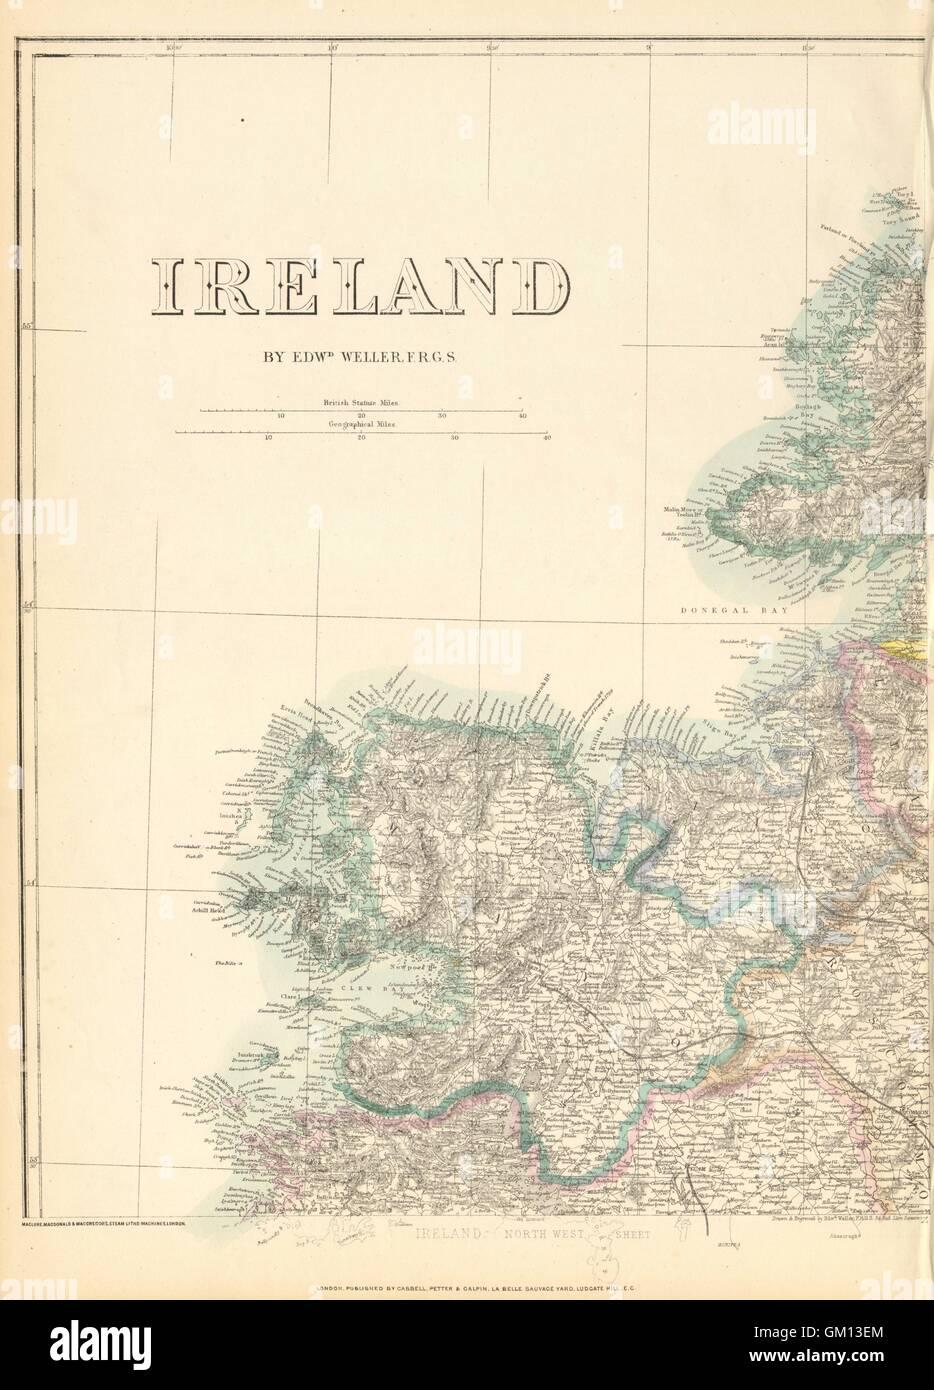 Map Of North West Ireland.Ireland North West Mayo Sligo Donegal Connacht Weller Dispatch